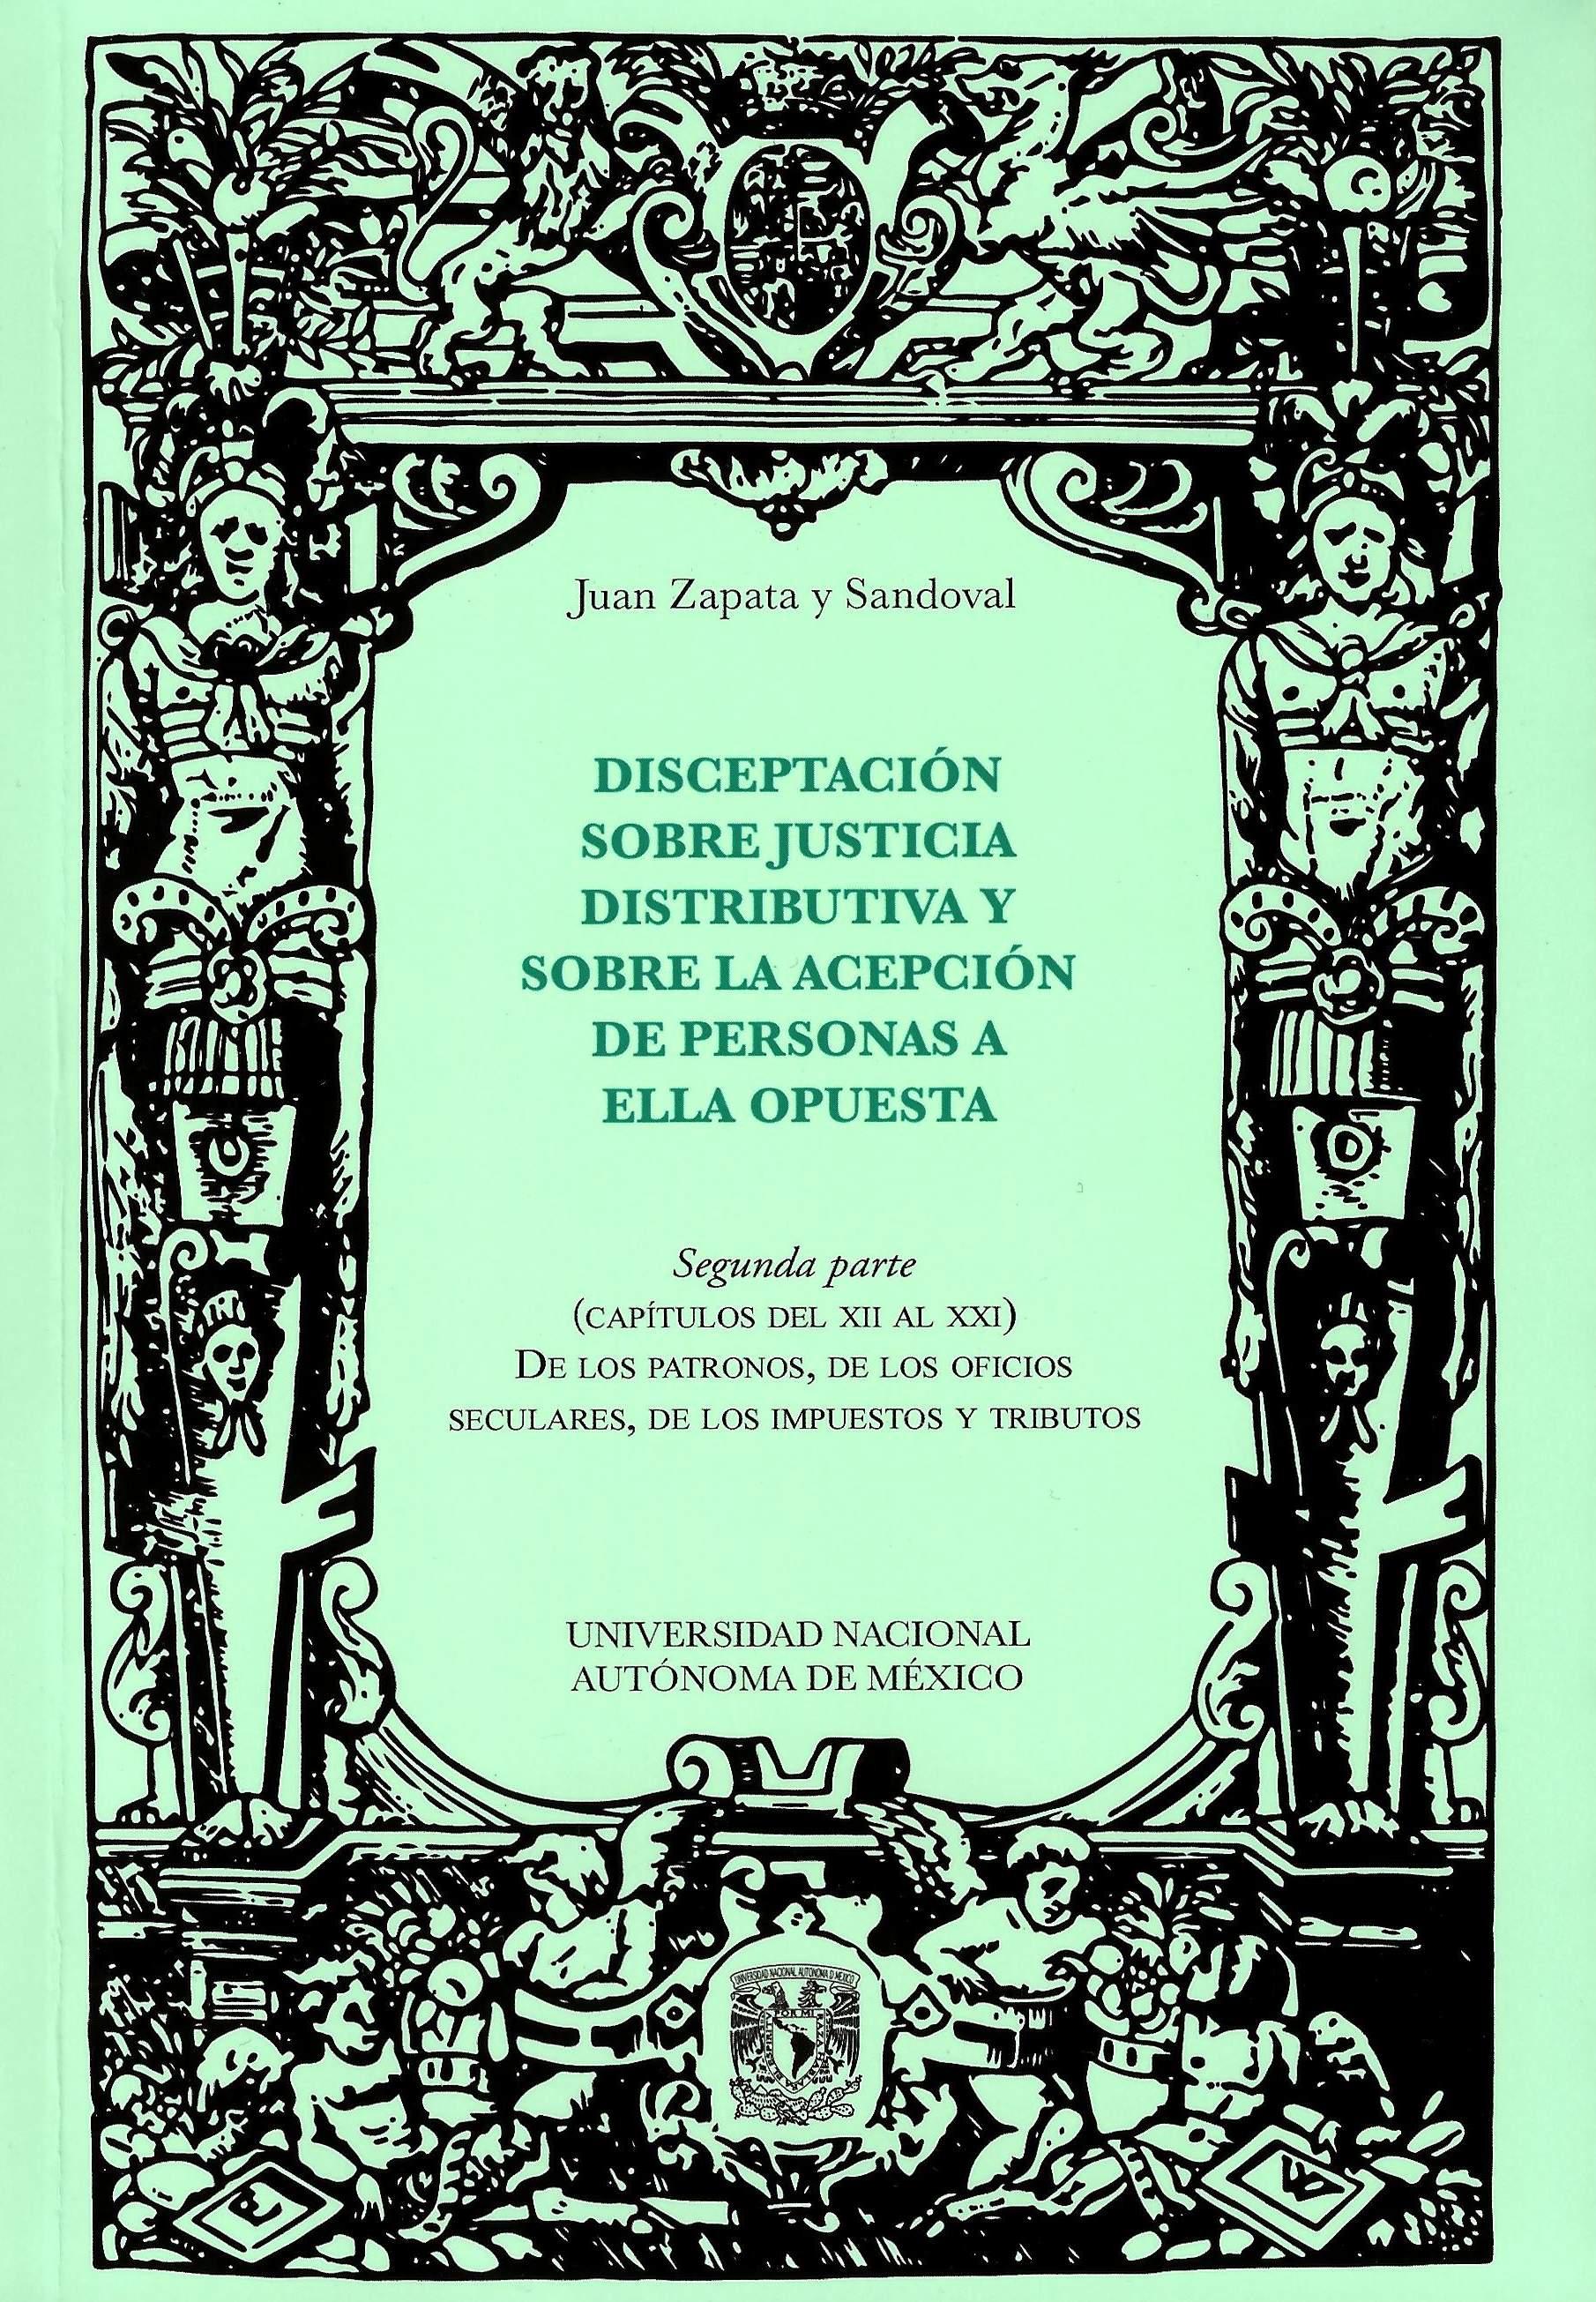 Disceptación sobre justicia distributiva y sobre la acepción de personas a ella opuesta Segunda parte (capítulos del XII al XXI) de los patronos, de los oficios seculares, de los impuestos y tributos